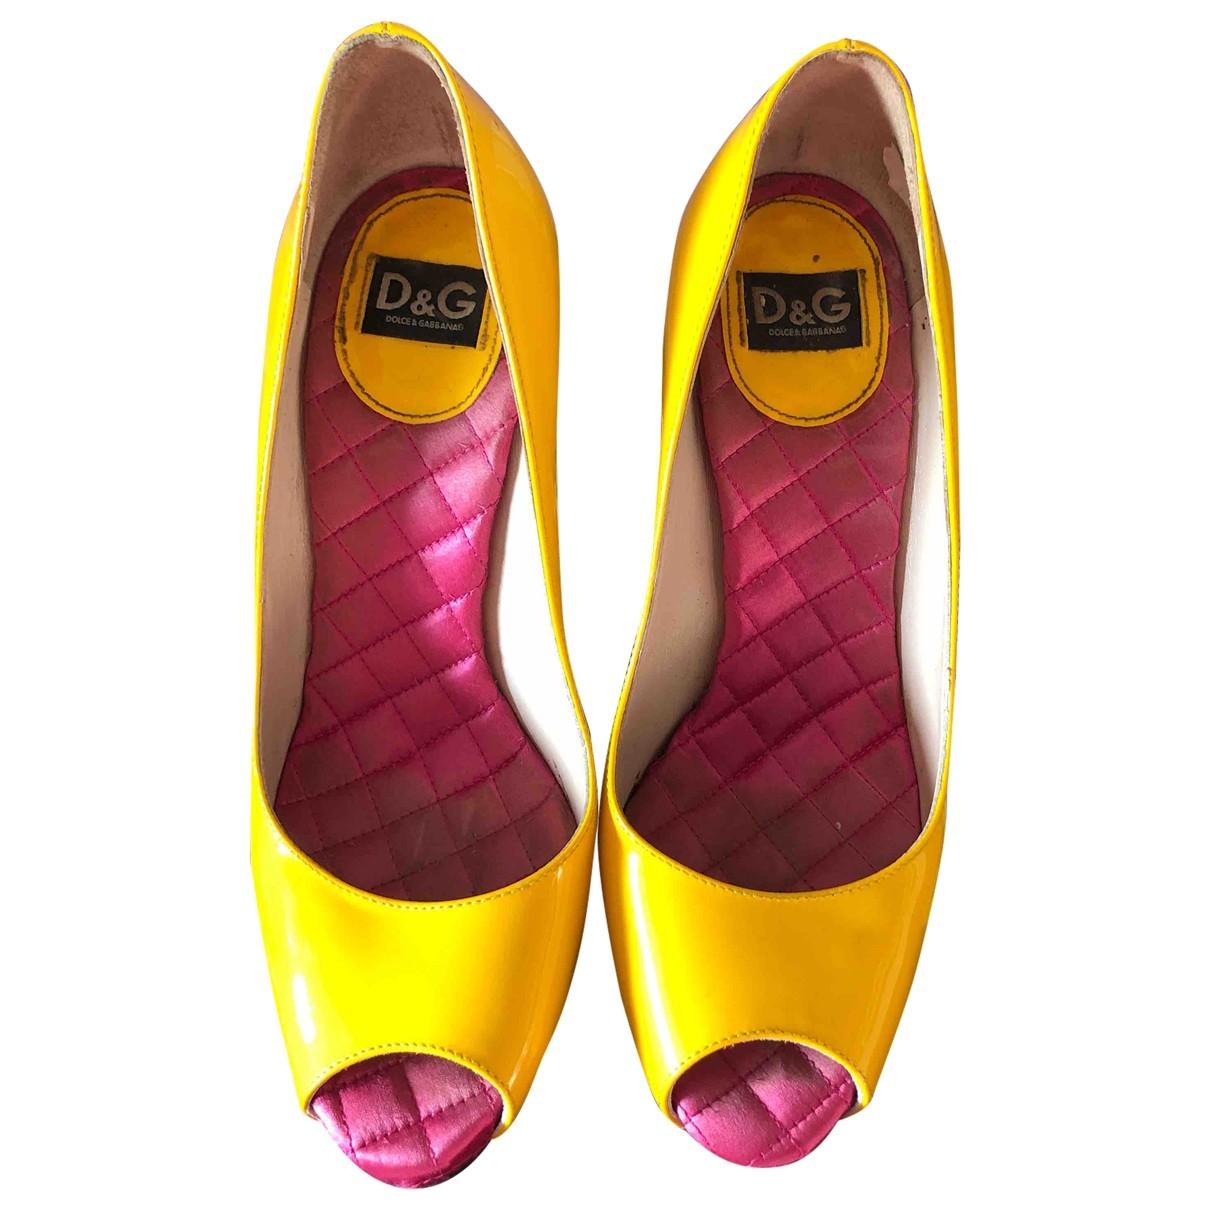 D&g - Escarpins   pour femme en cuir verni - jaune